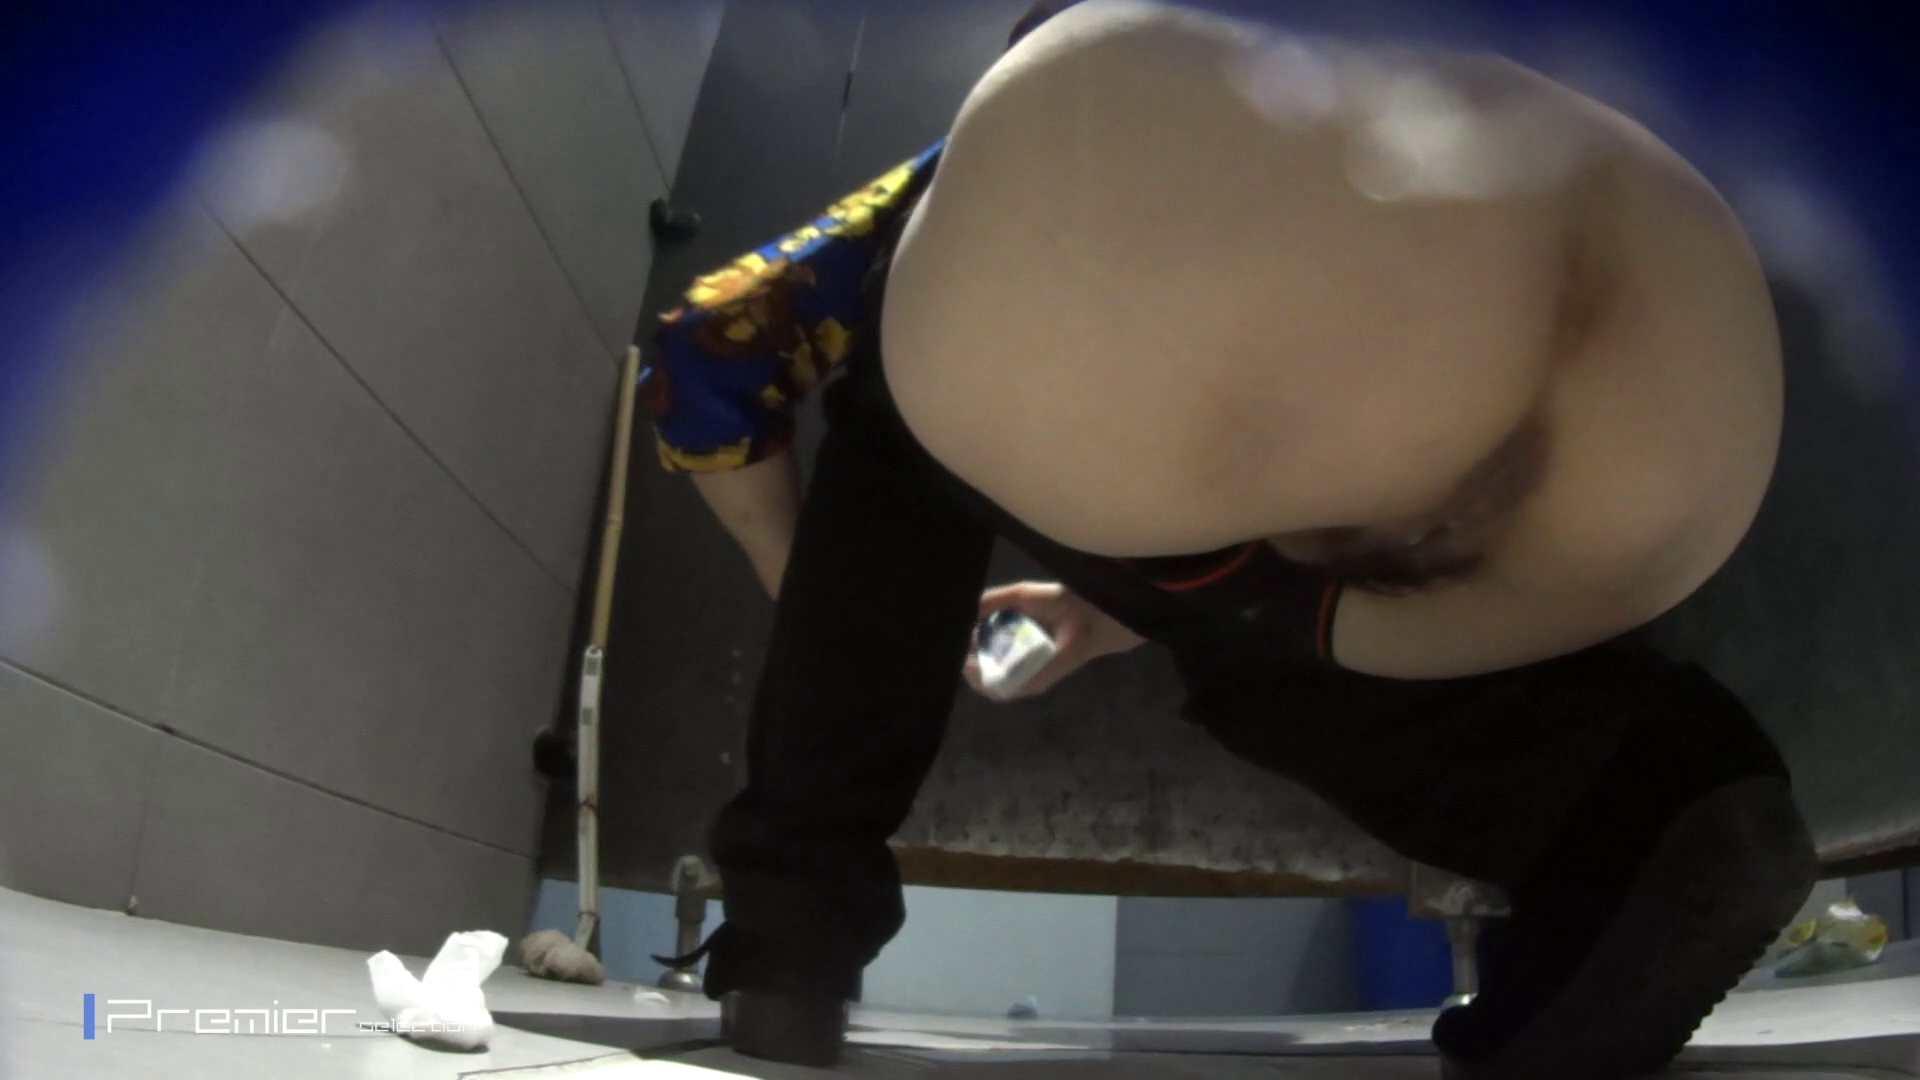 黒スパッツ美女 大学休憩時間の洗面所事情70 美女 AV無料動画キャプチャ 79枚 8